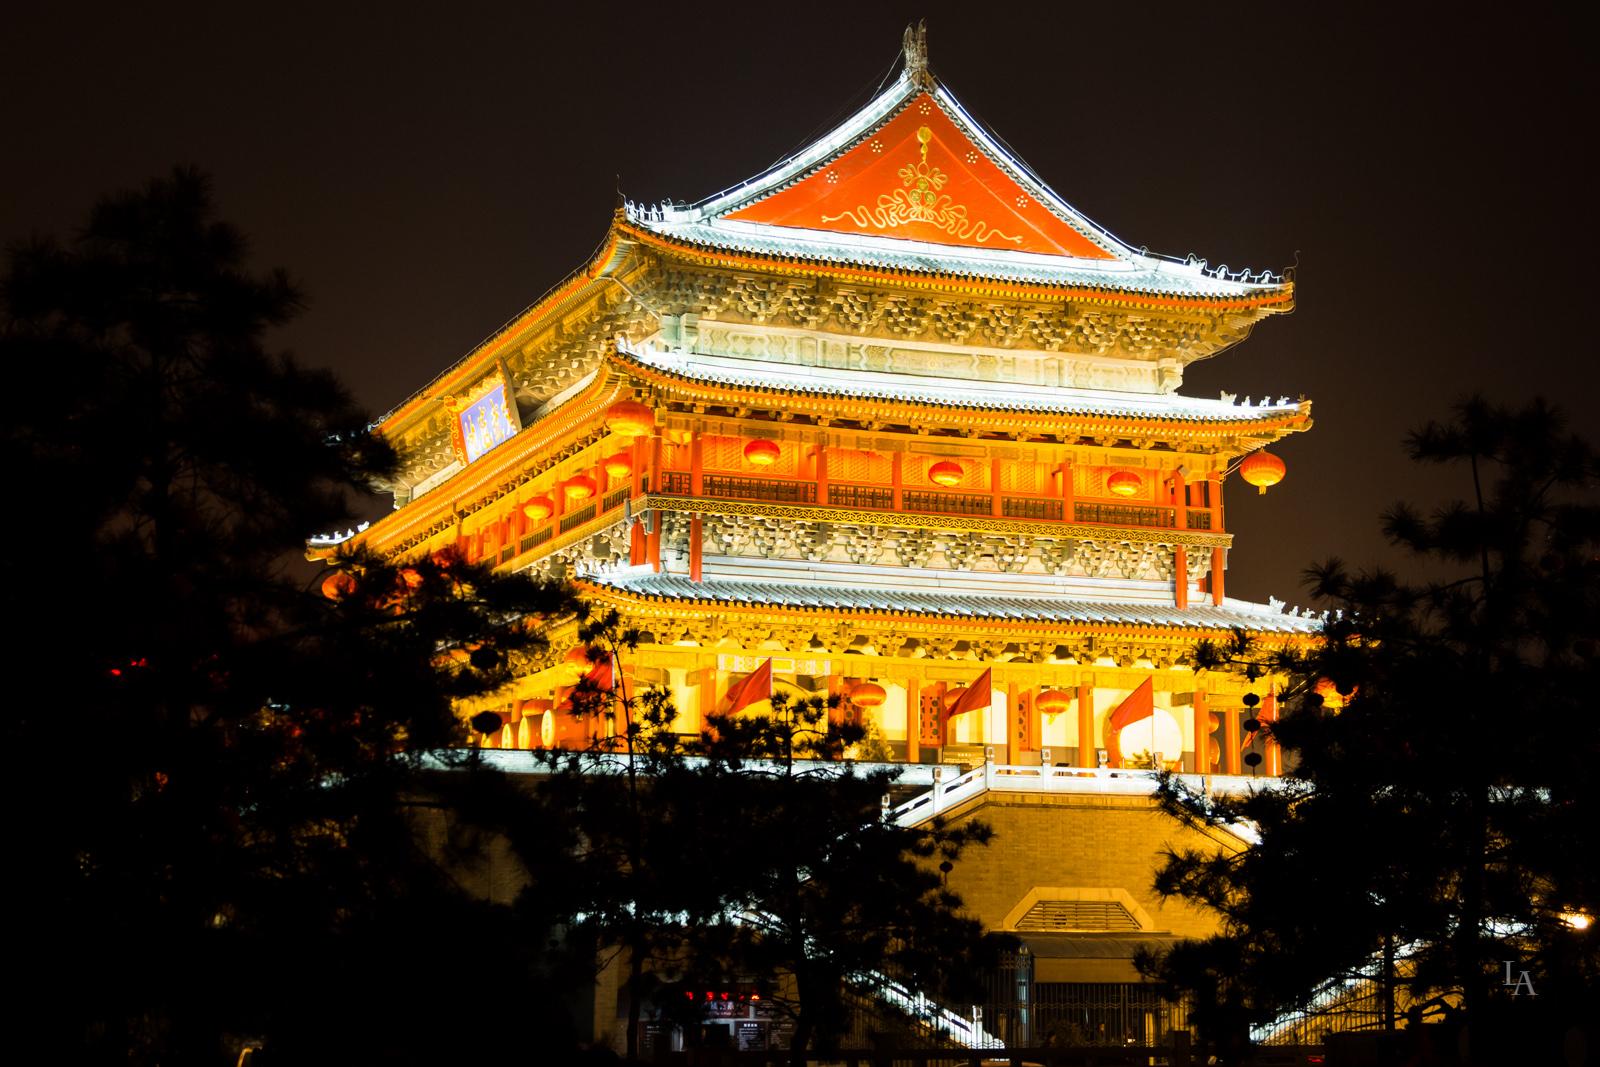 Drum Tower in Xian